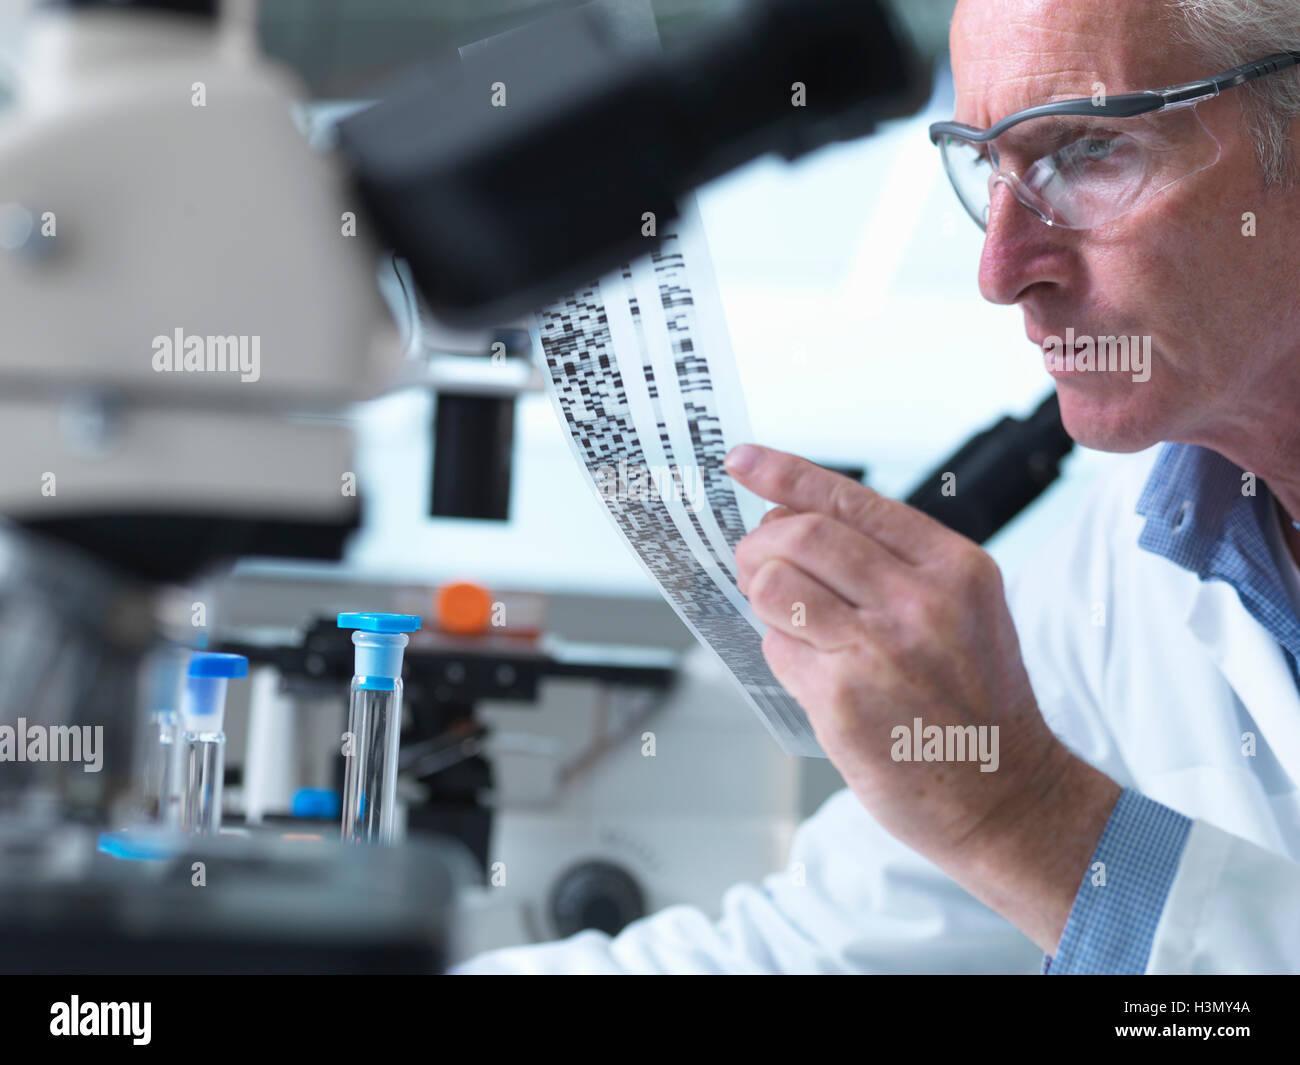 Chercheur titulaire d'un gel d'ADN au cours d'une expérience génétique dans un laboratoire Photo Stock